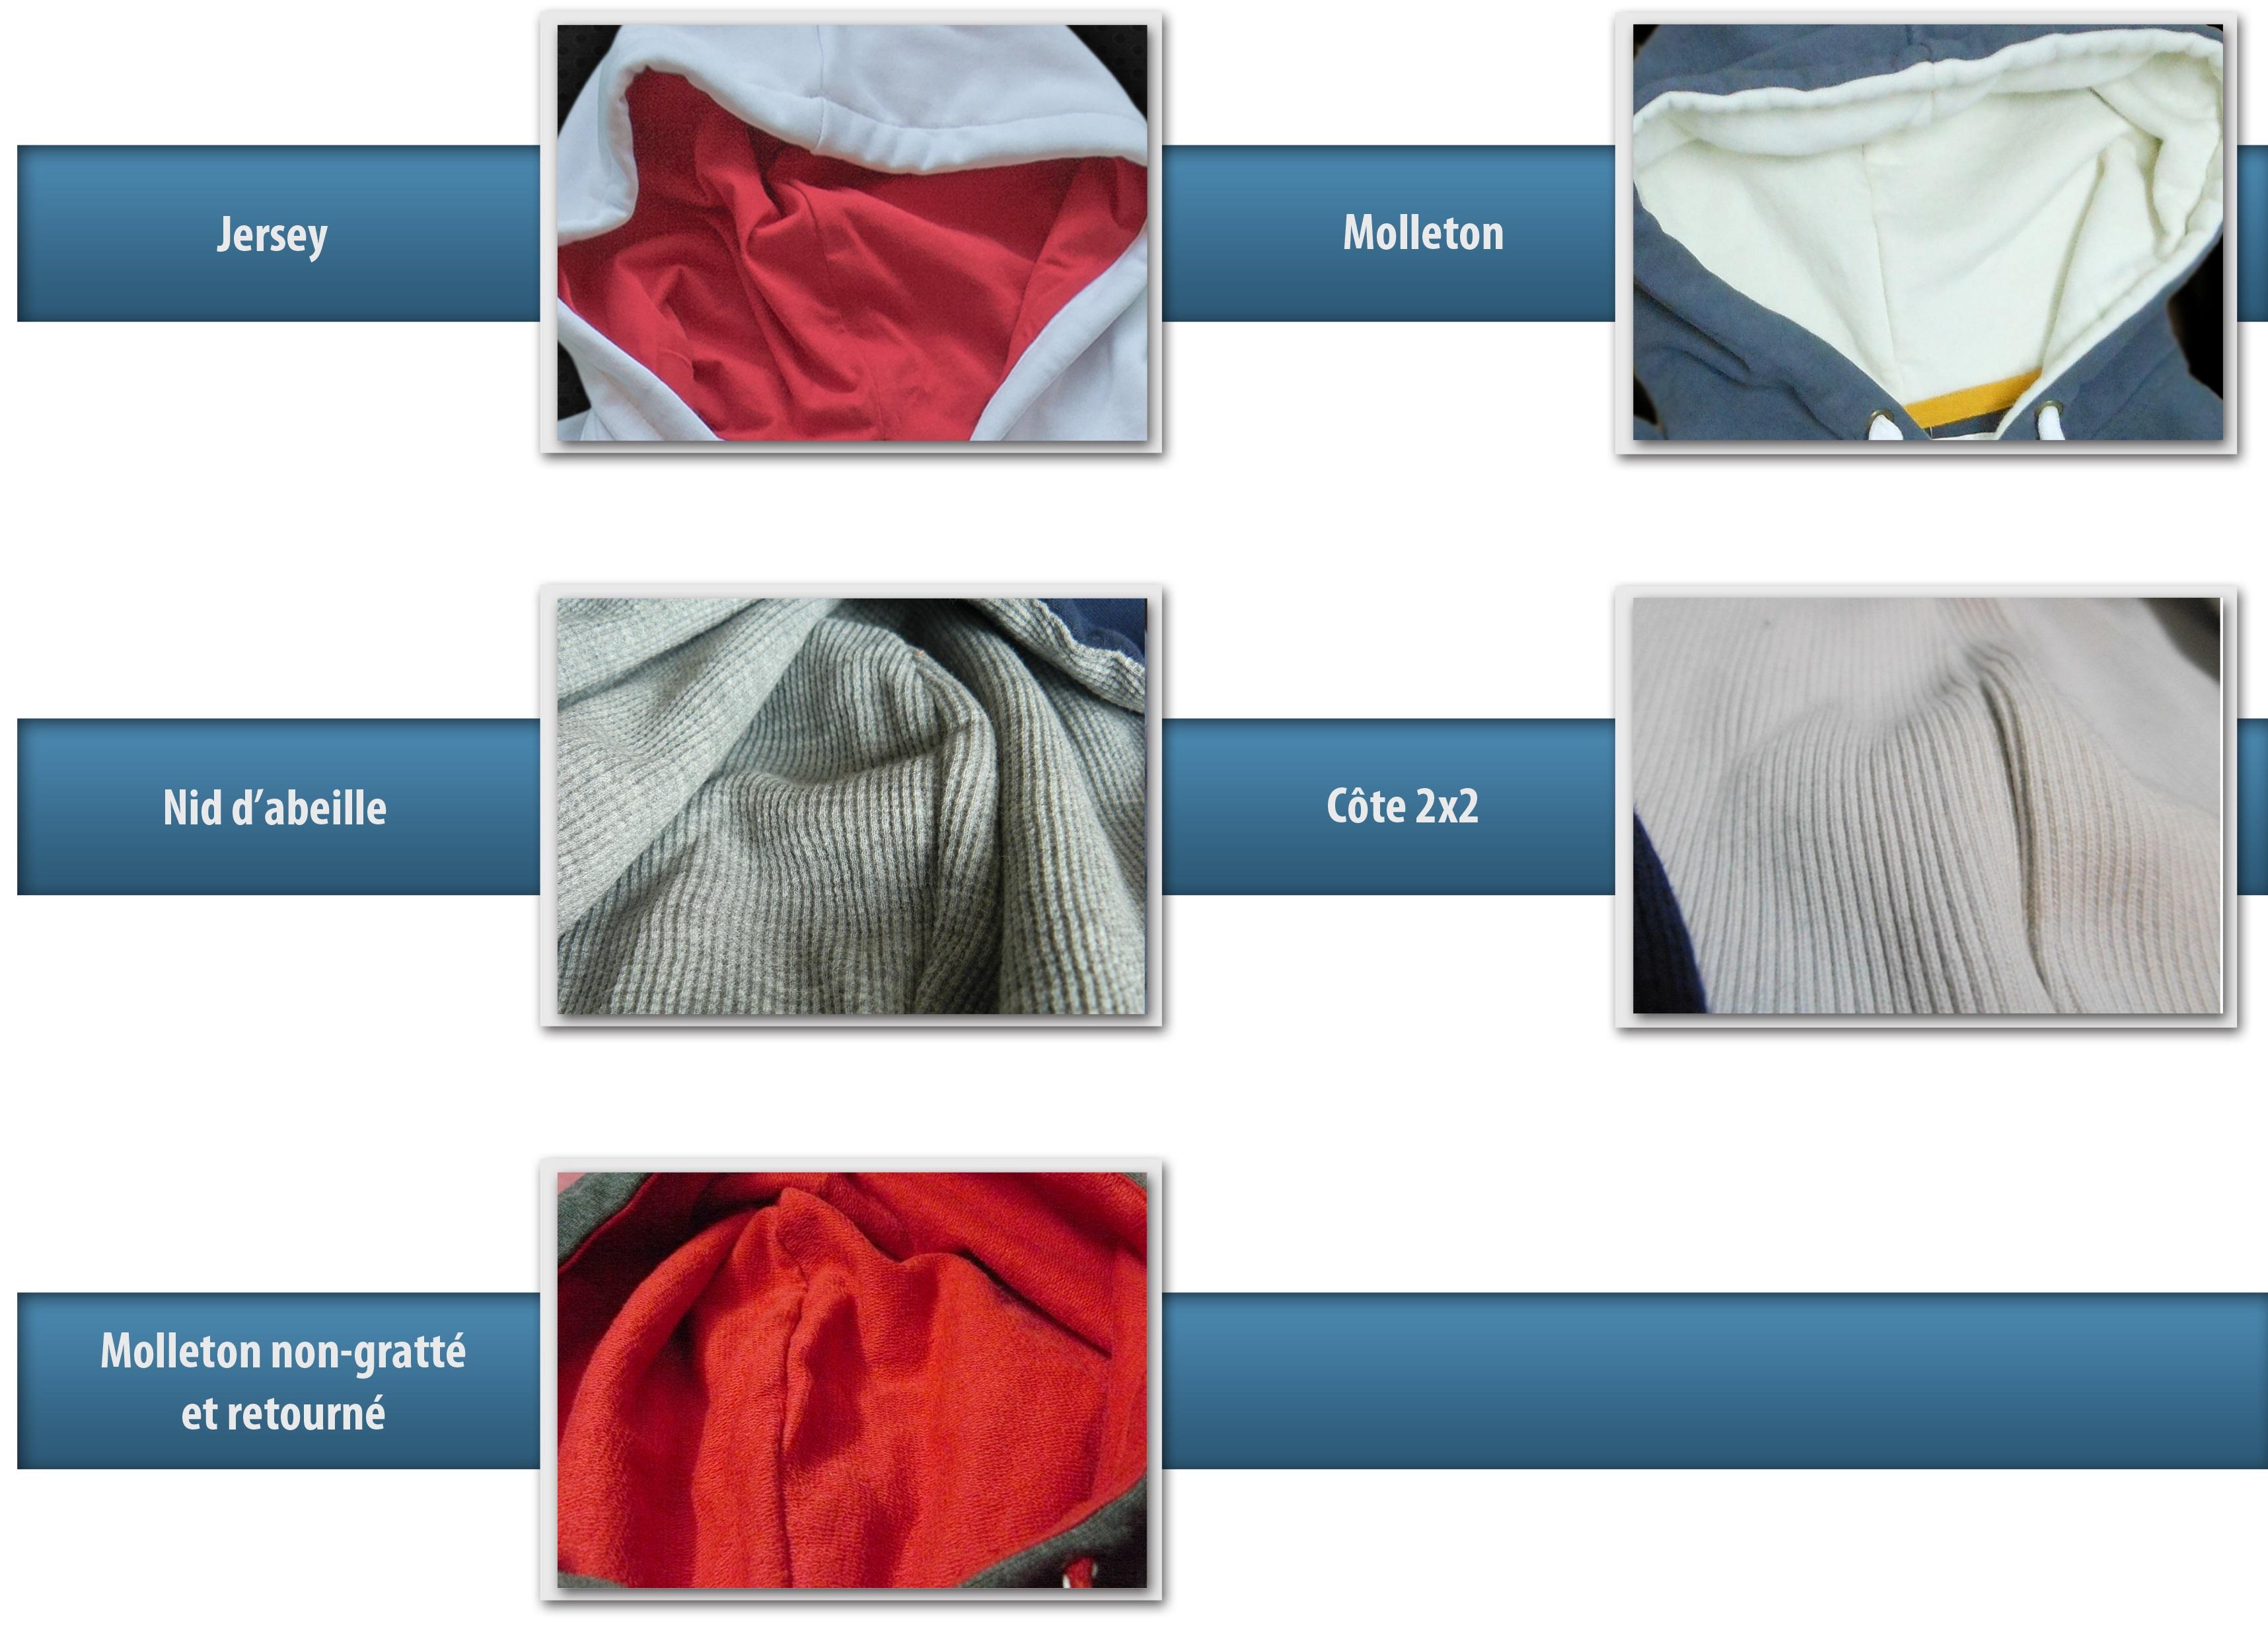 differents types de tournevis les pigments et la vision des couleurs fiche de cours les noms. Black Bedroom Furniture Sets. Home Design Ideas